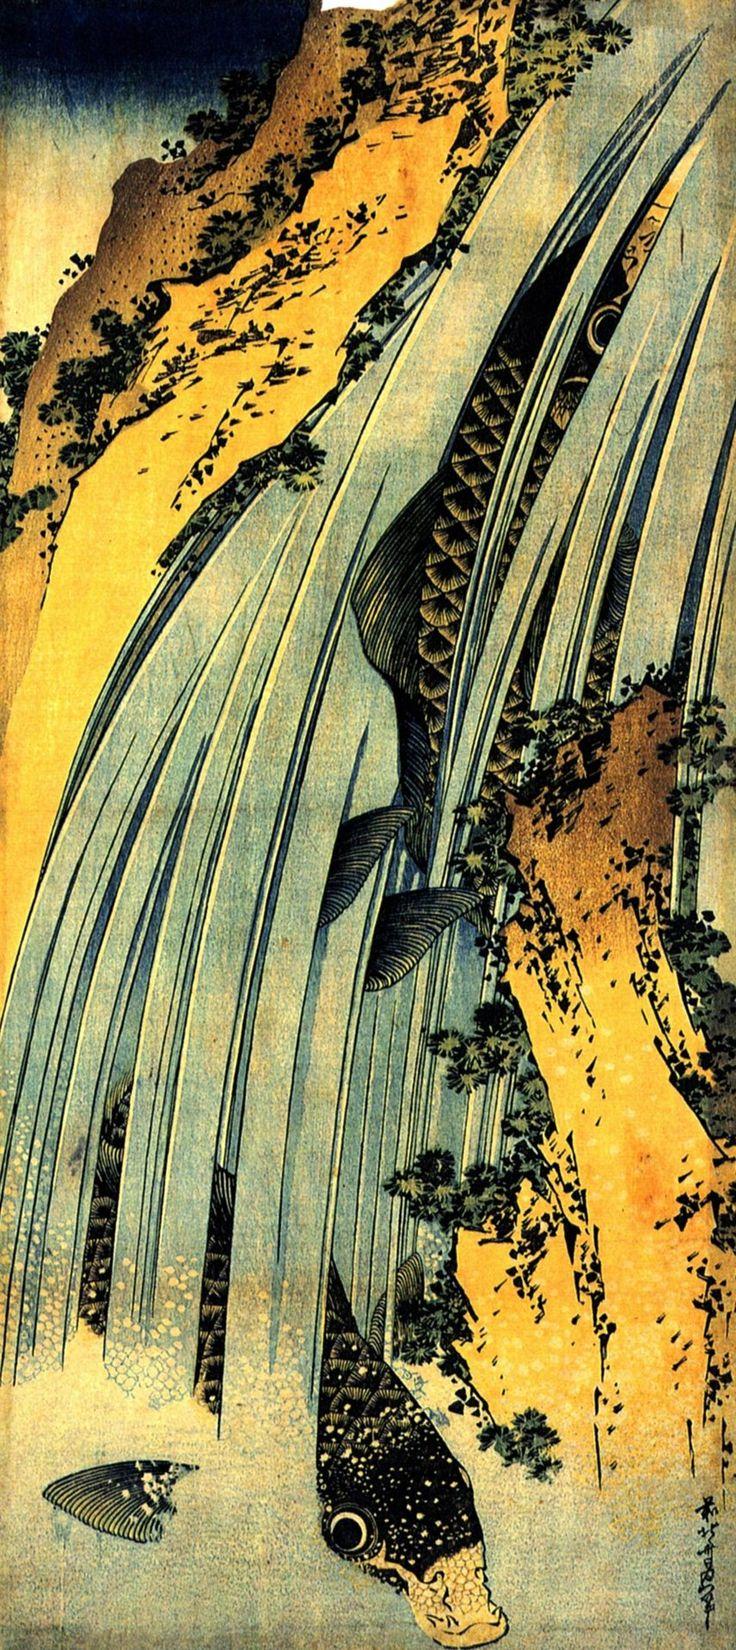 Katsushika Hokusai 葛飾北斎 (1760-1849)